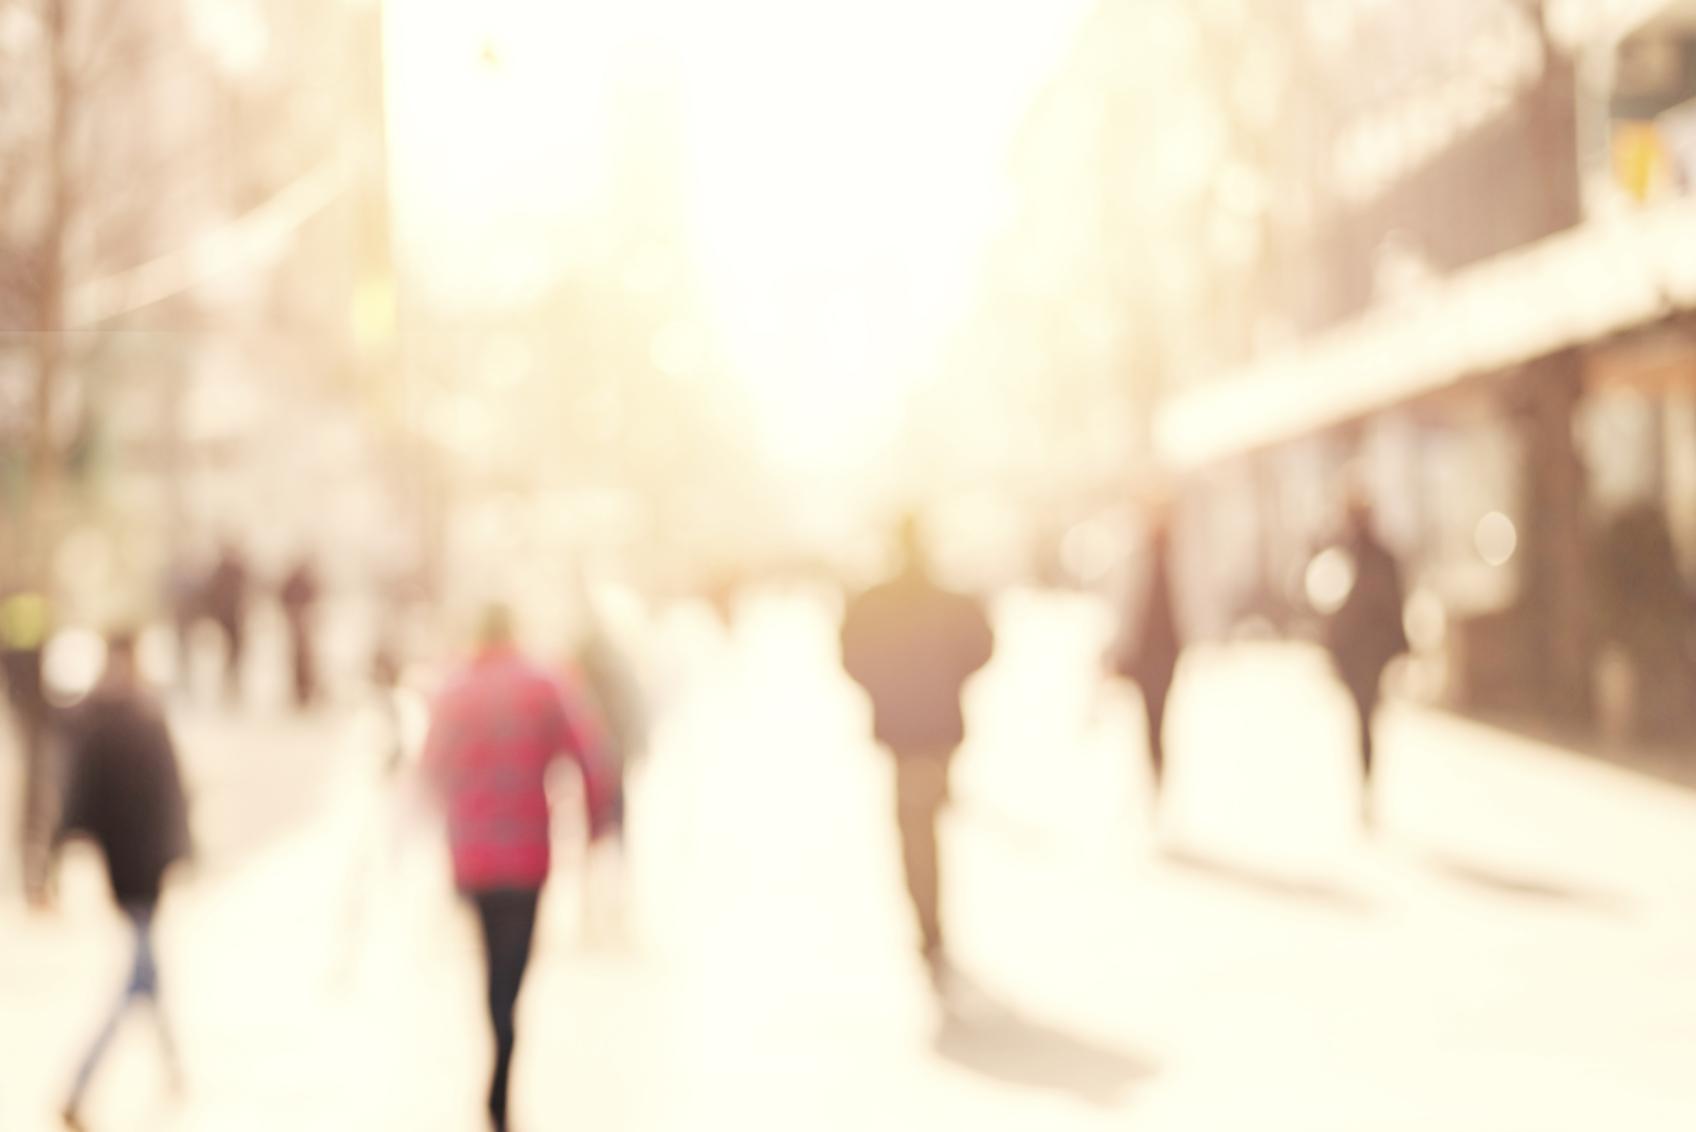 Imagen borrosa de una calle con personas